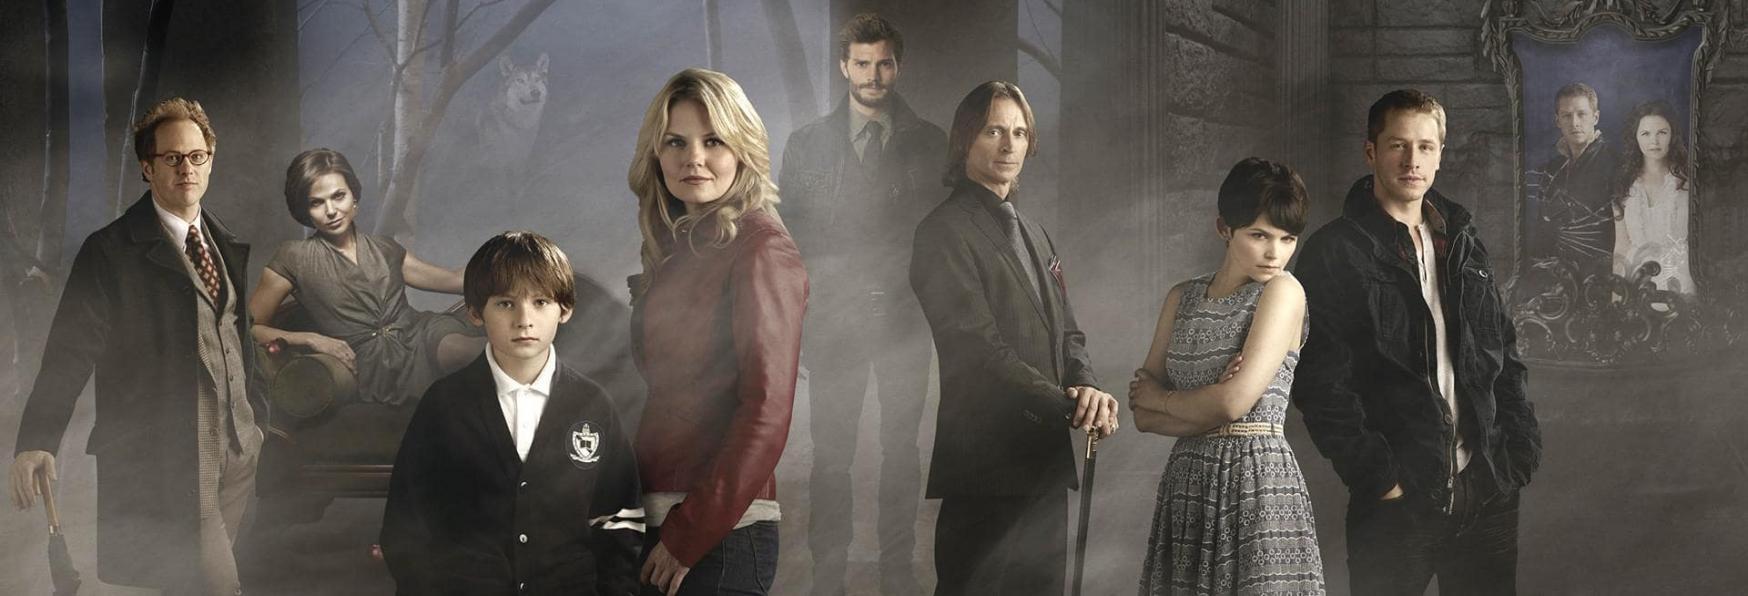 C'era una Volta: la nostra Recensione della Serie TV targata ABC del 2011